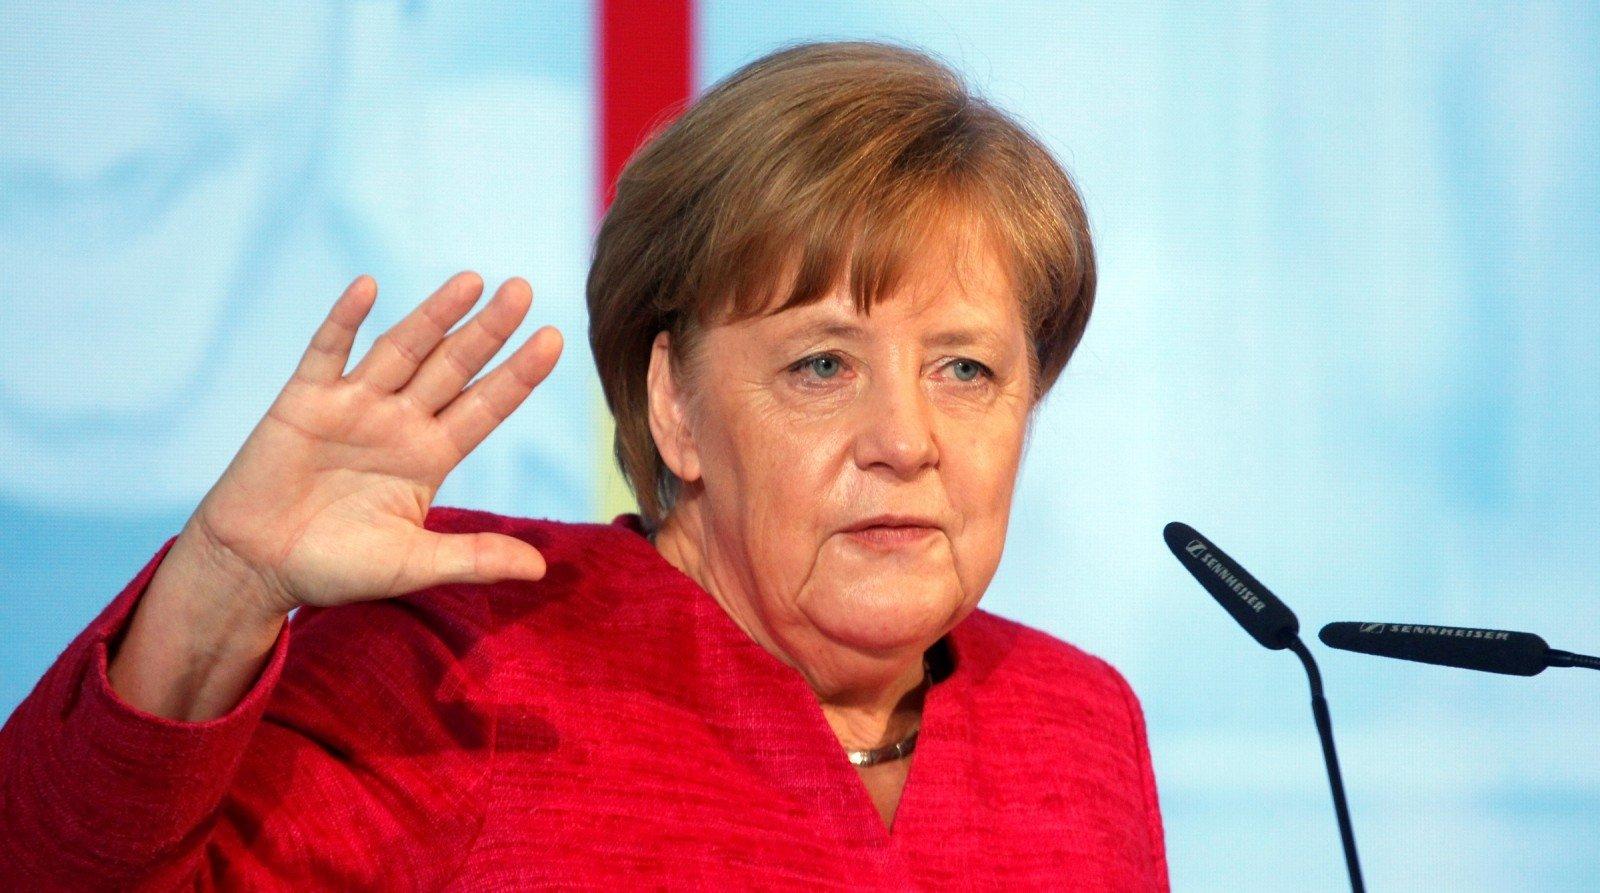 Меркель не исключила, что третий раунд саммита ЕС может закончиться безрезультатно